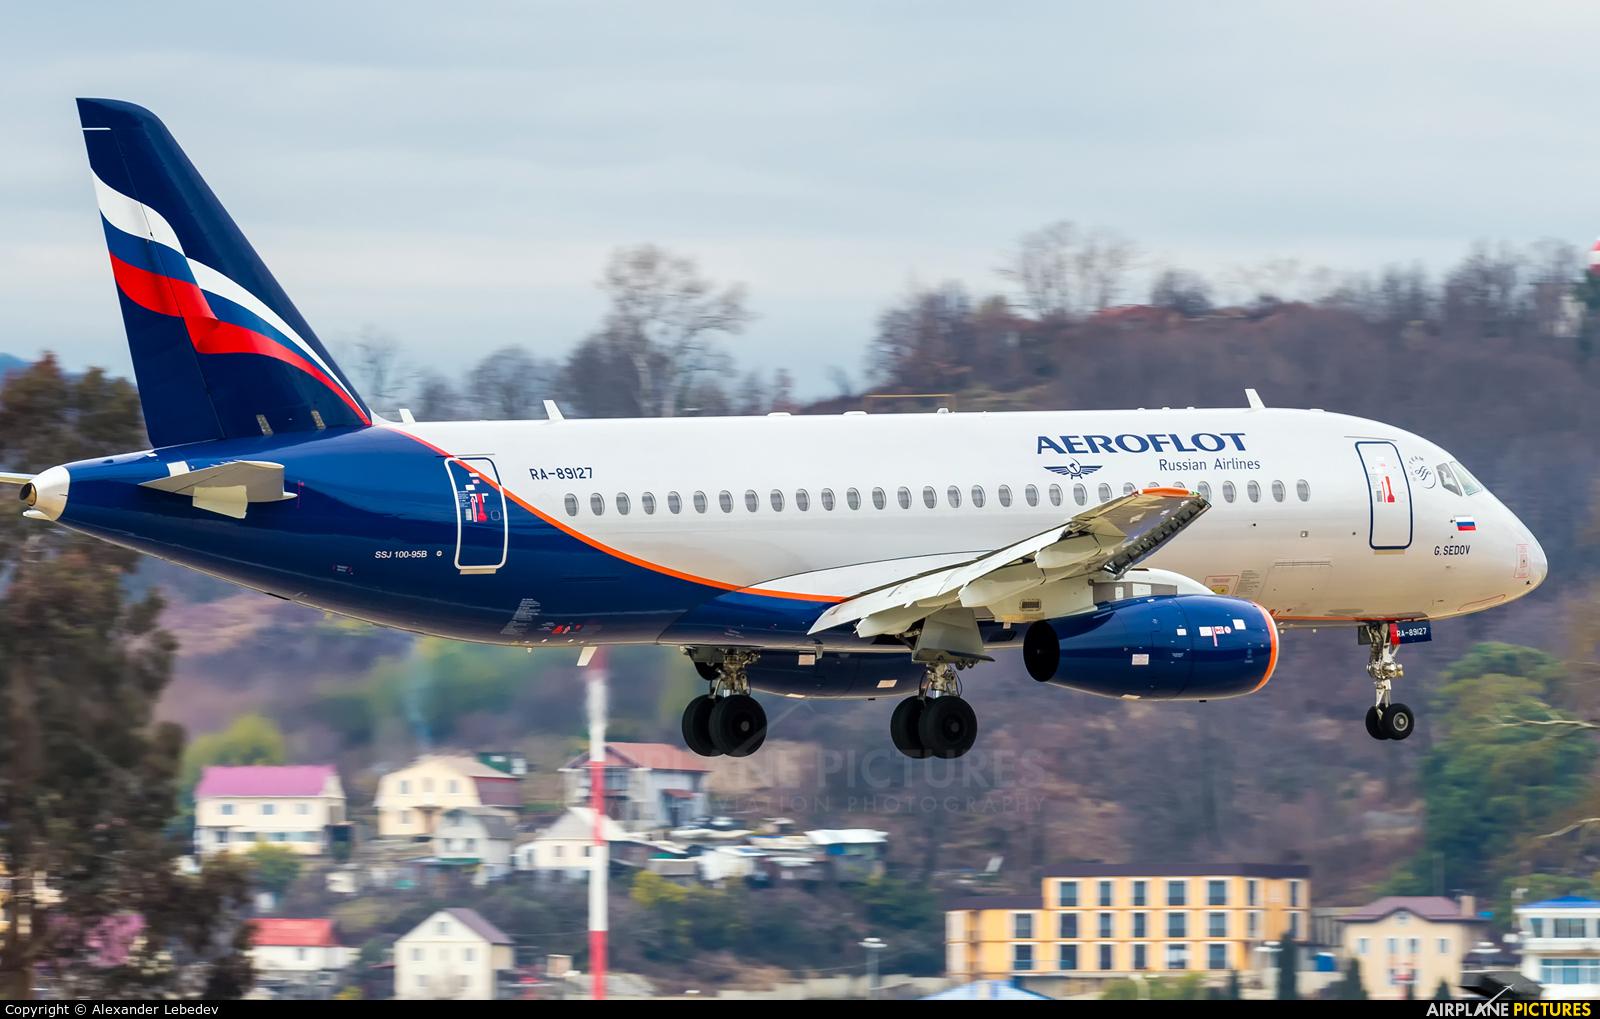 Aeroflot RA-89127 aircraft at Sochi Intl